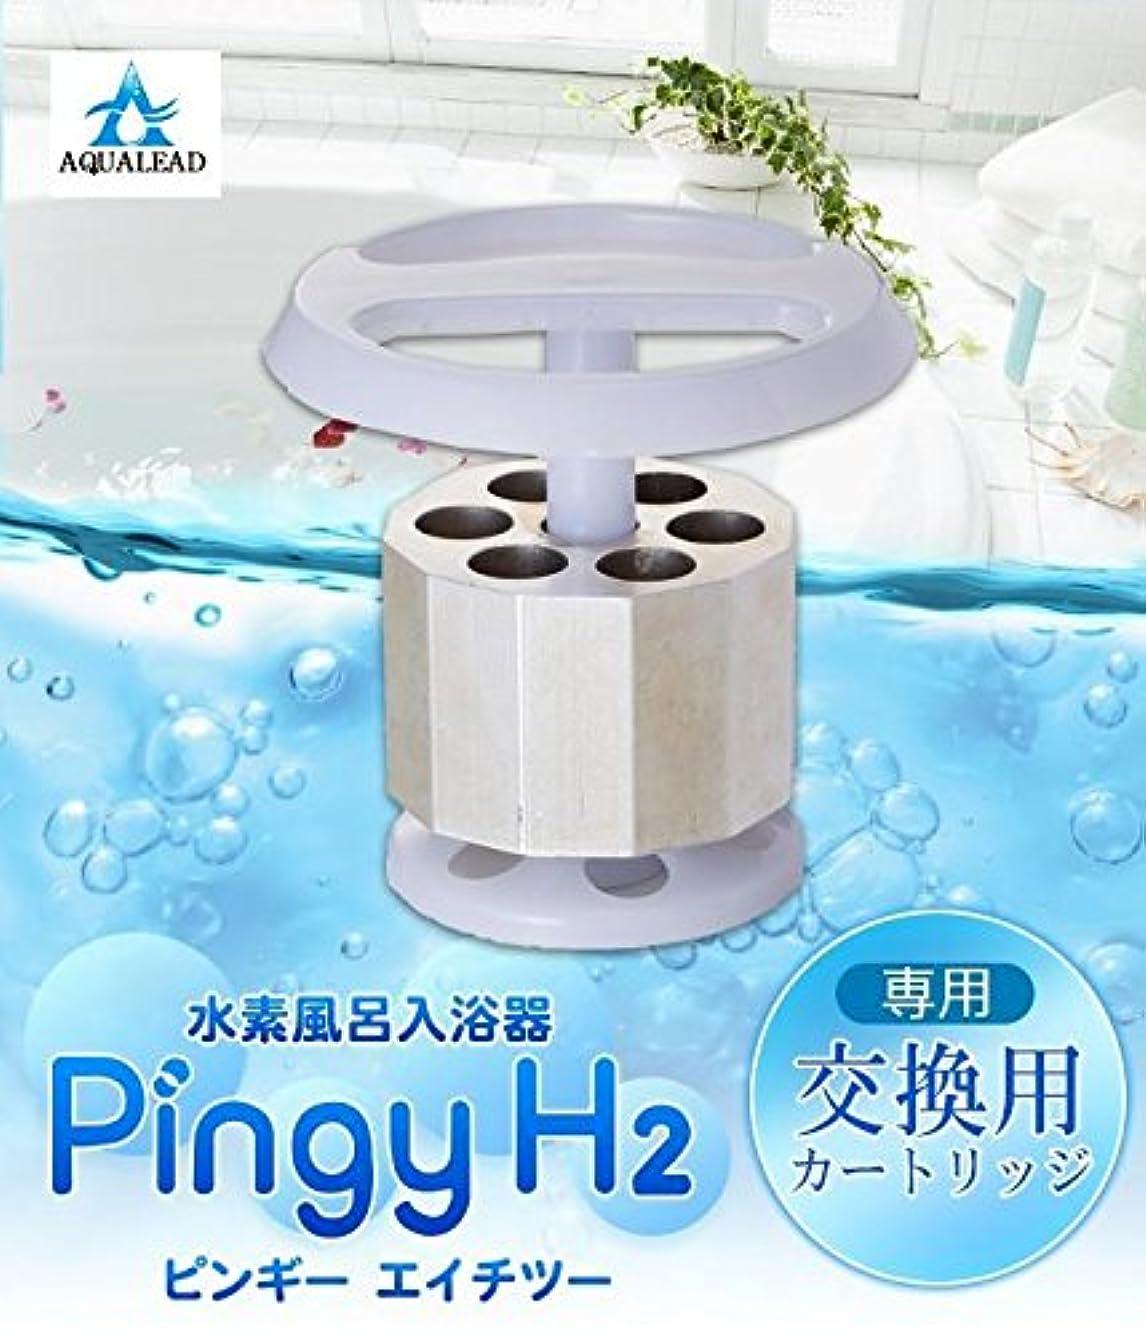 懲らしめ介入する残り水素風呂入浴器 ピンギー エイチツー(Pingy H2)専用 交換カートリッジ